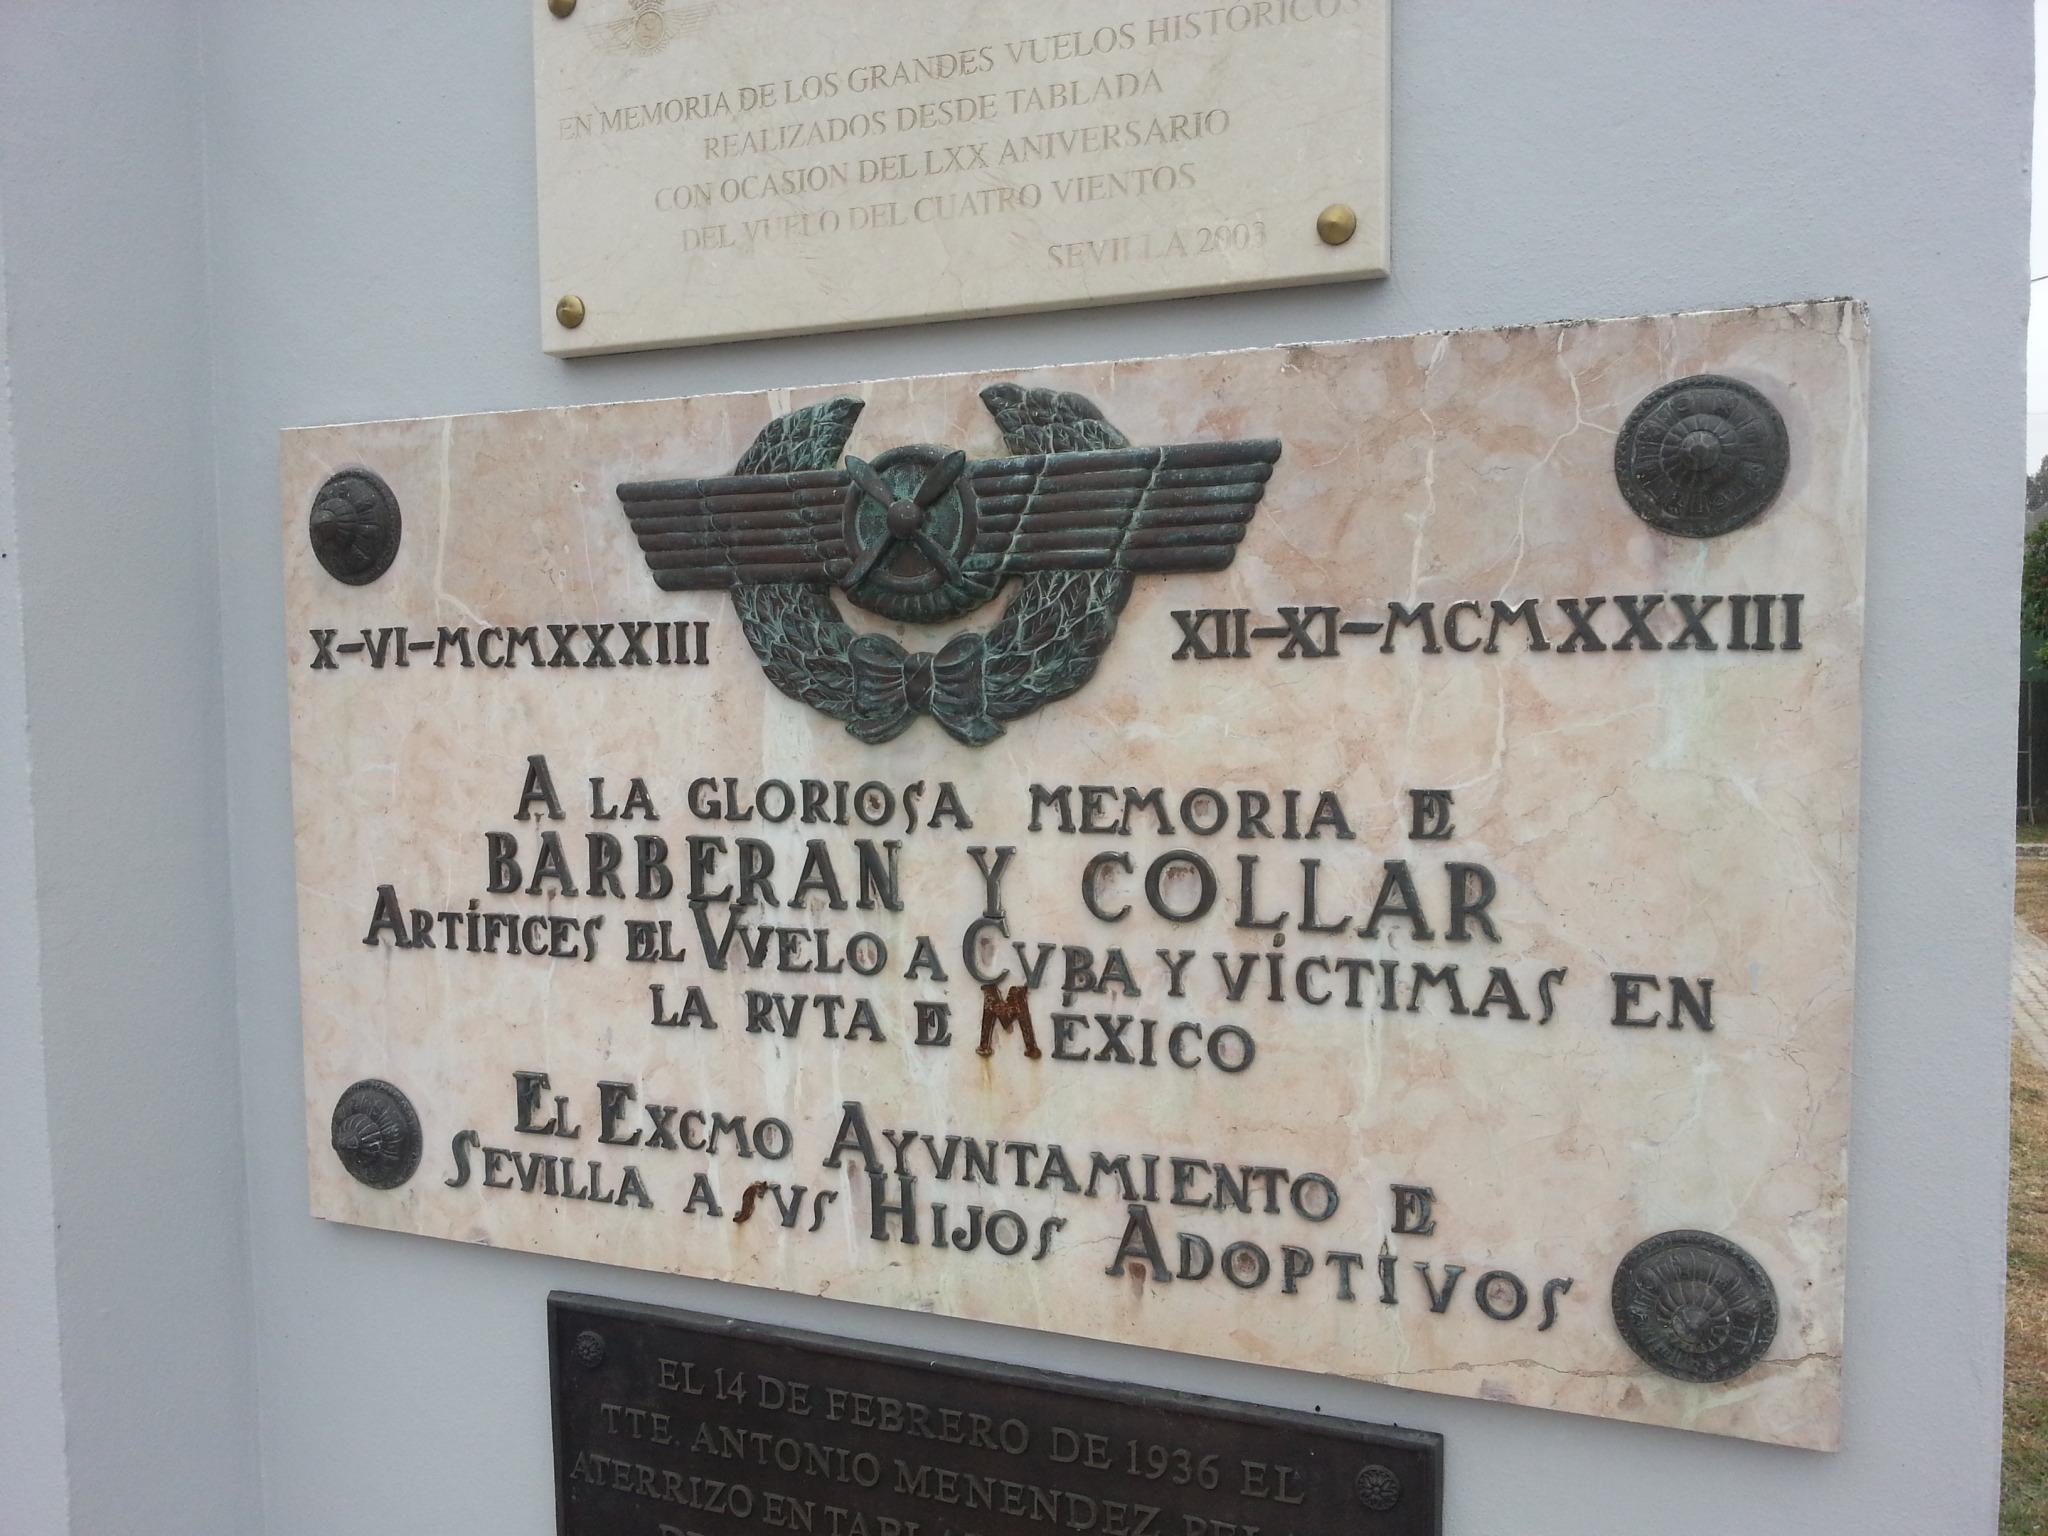 """Esta otra placa erigida por el Ayuntamiento de Sevilla, recuerda la memoria de los aviadores Barberán y Collar, artífices del histórico vuelo del """"Cuatro Vientos"""" y que desaparecieron trágicamente durante el vuelo a Méjico"""